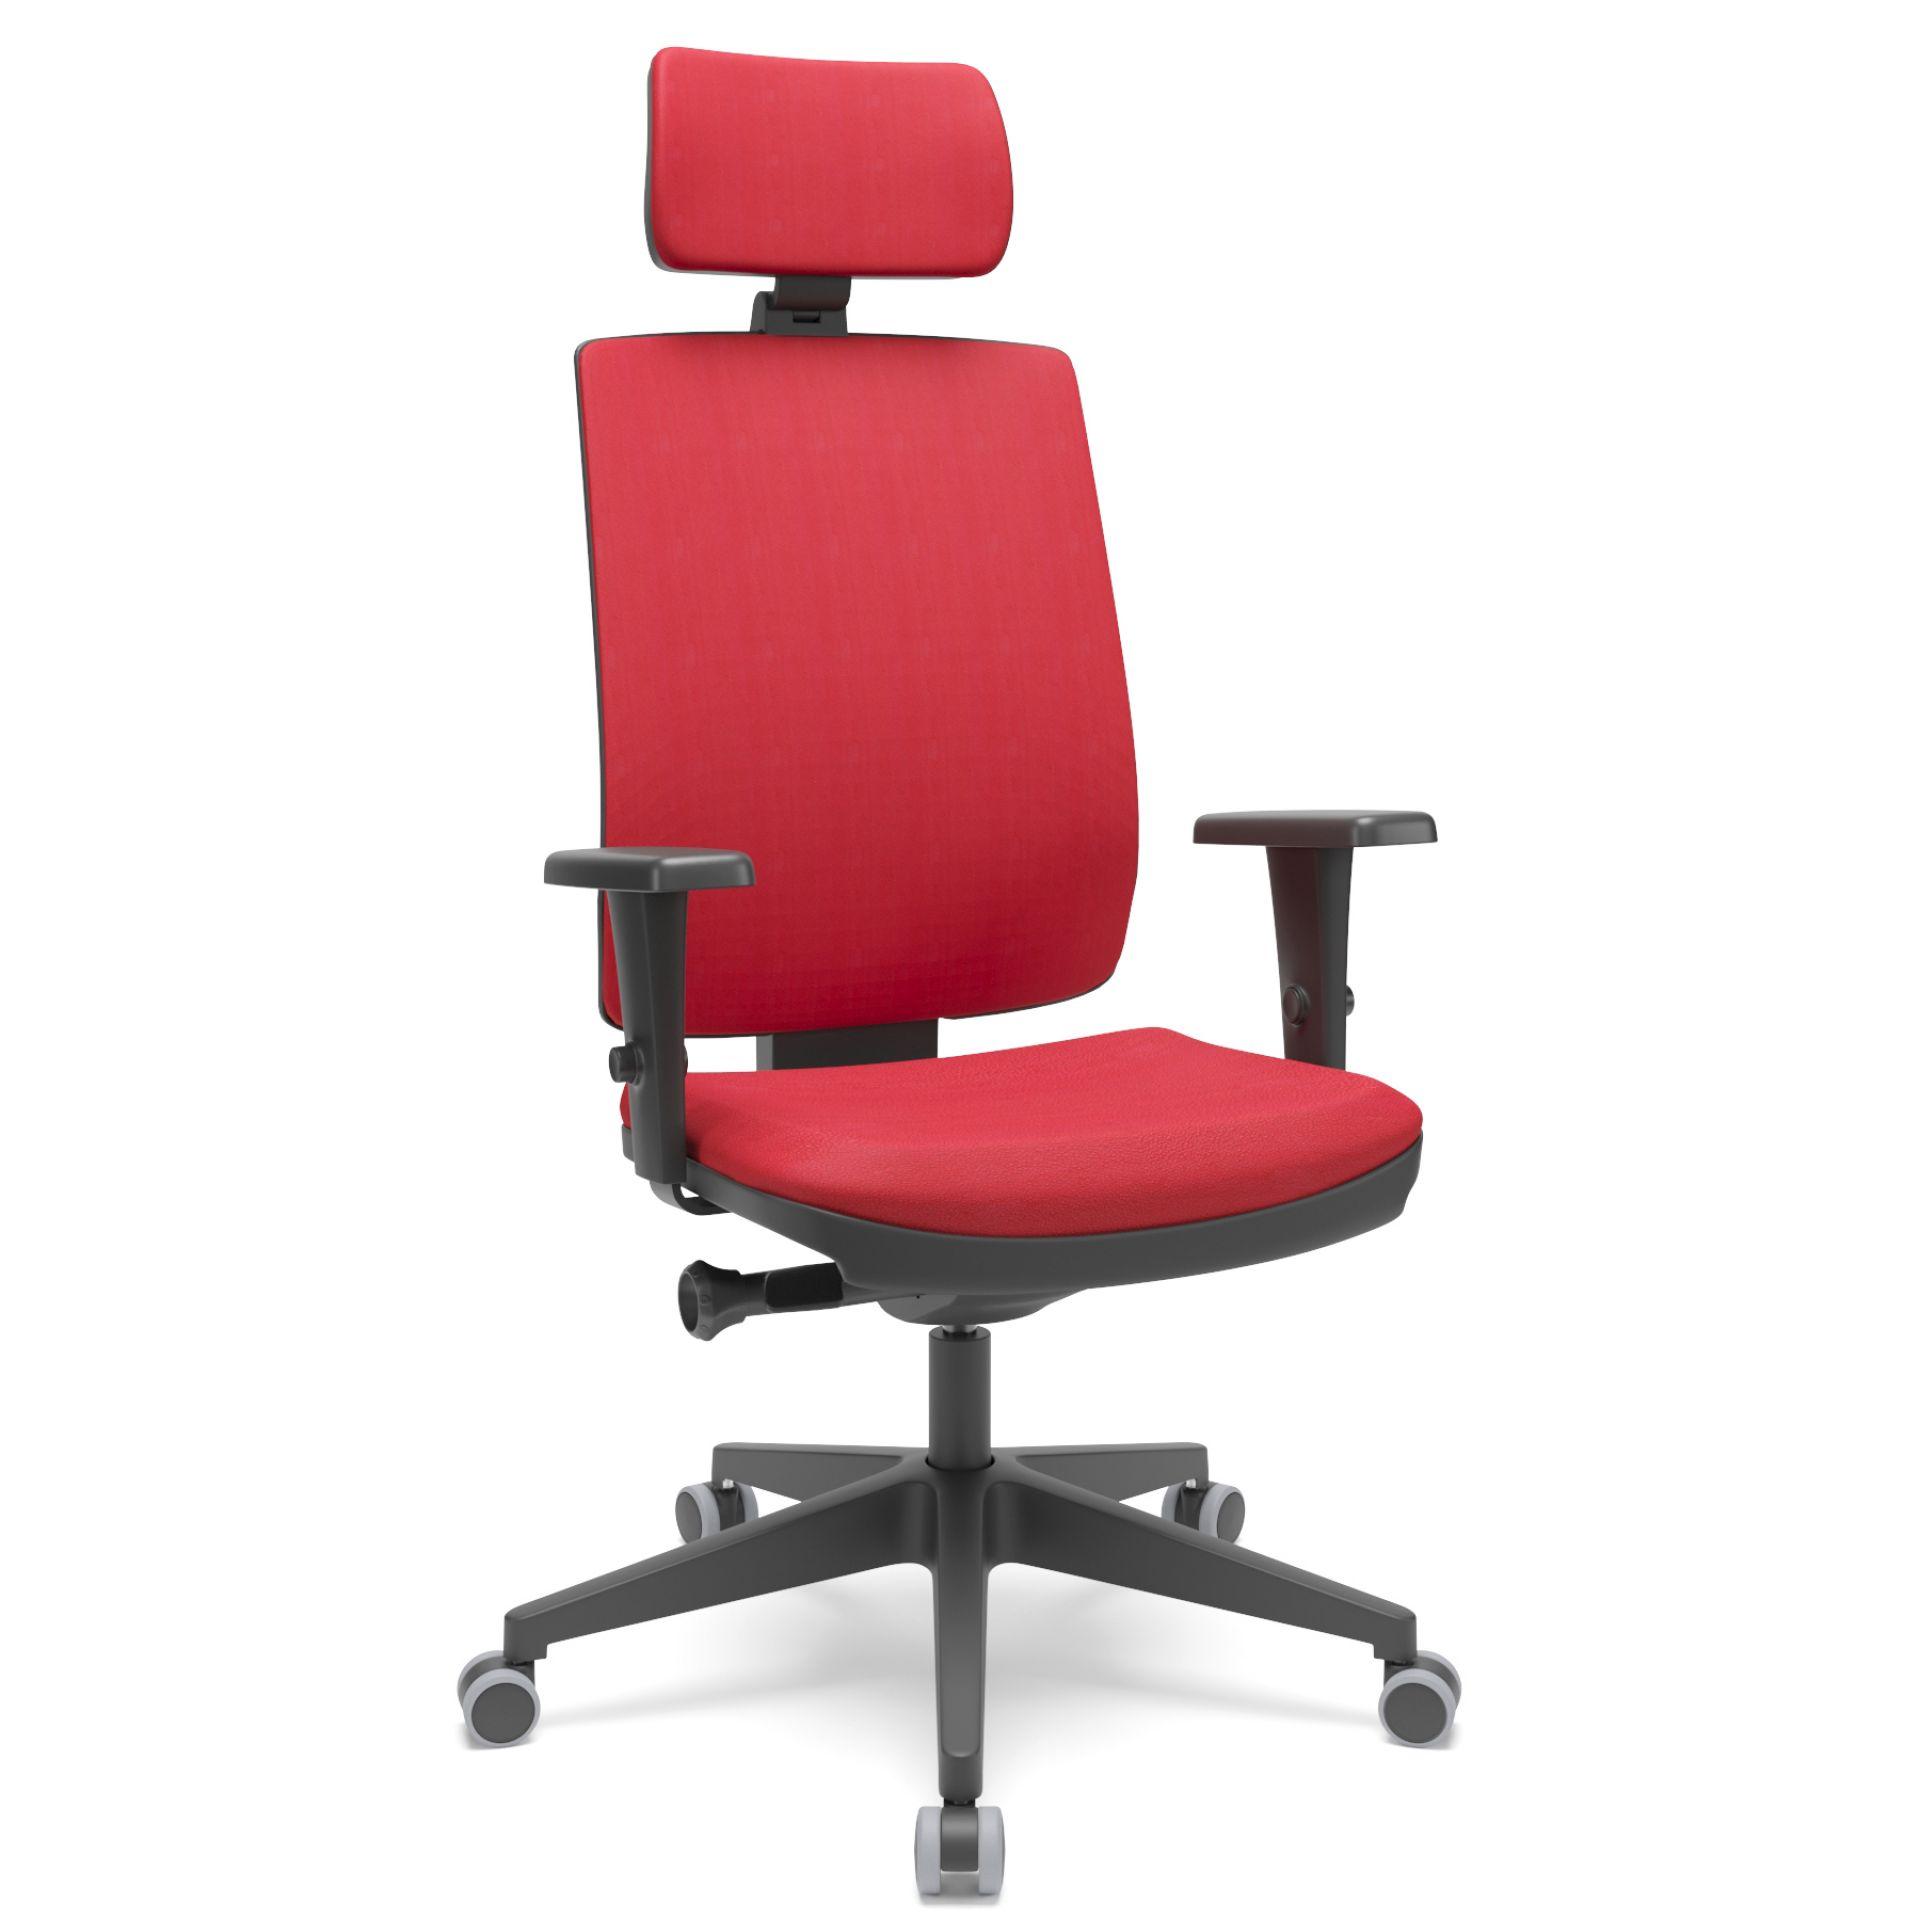 Cadeira Brizza soft  presidente com apoio de cabeça, Plaxmetal